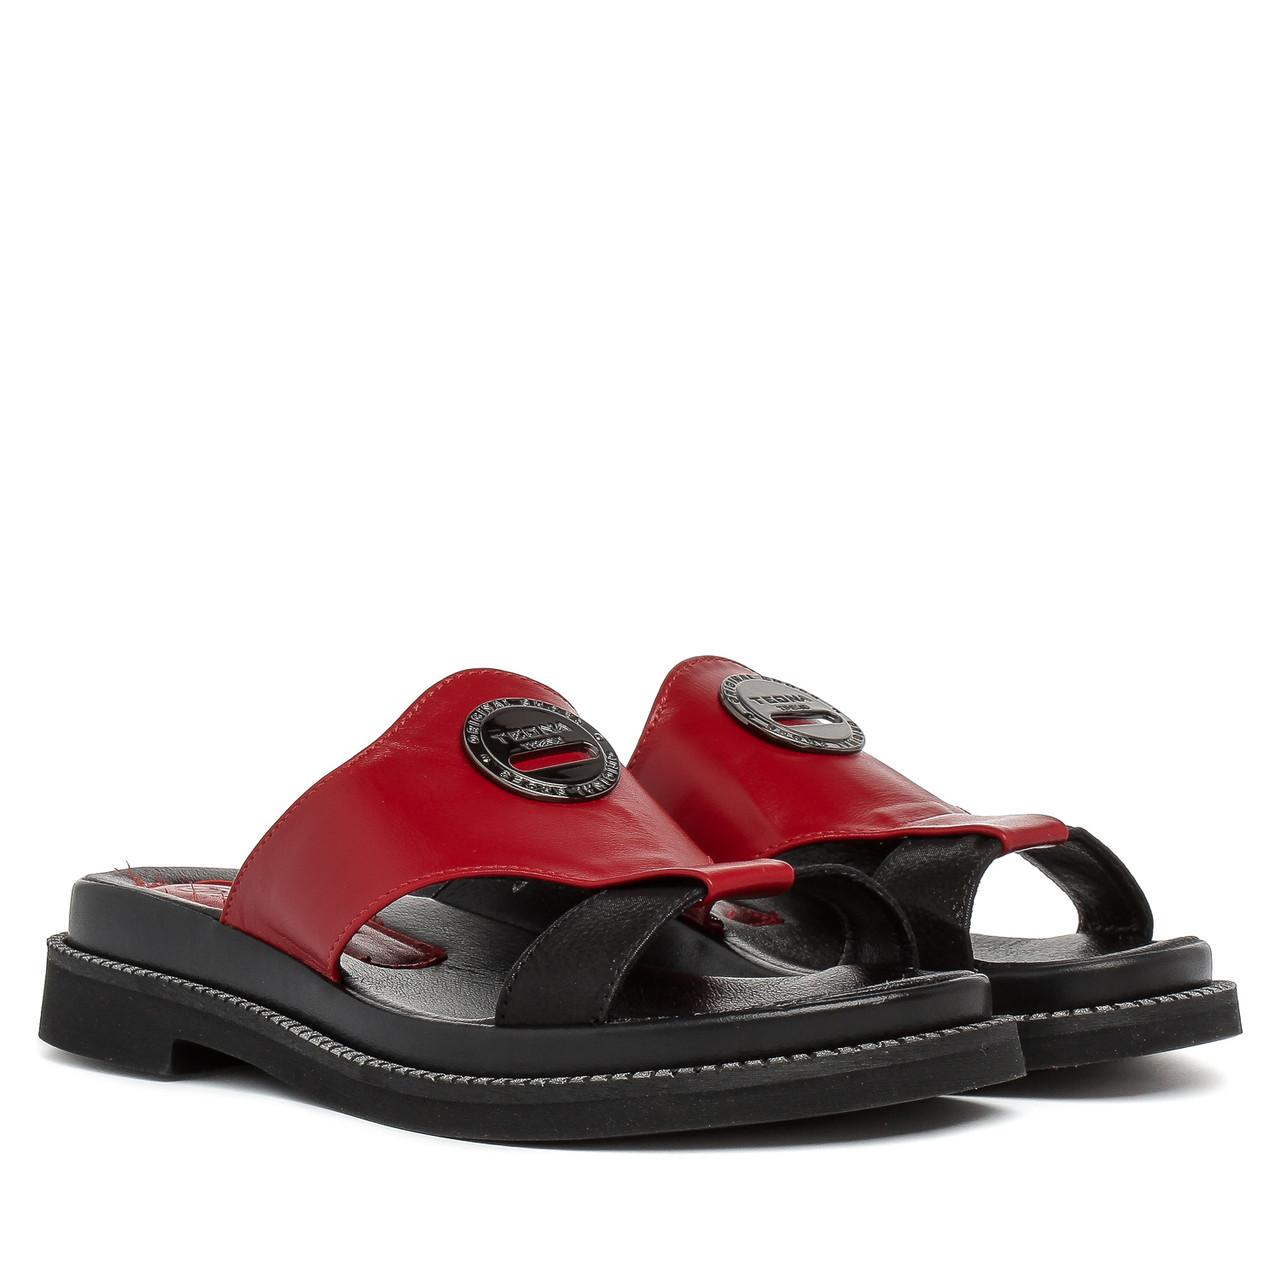 cae442973 Шлепанцы женские TEONA (кожаные, стильные, сочетание красного и черного  цветов) 37